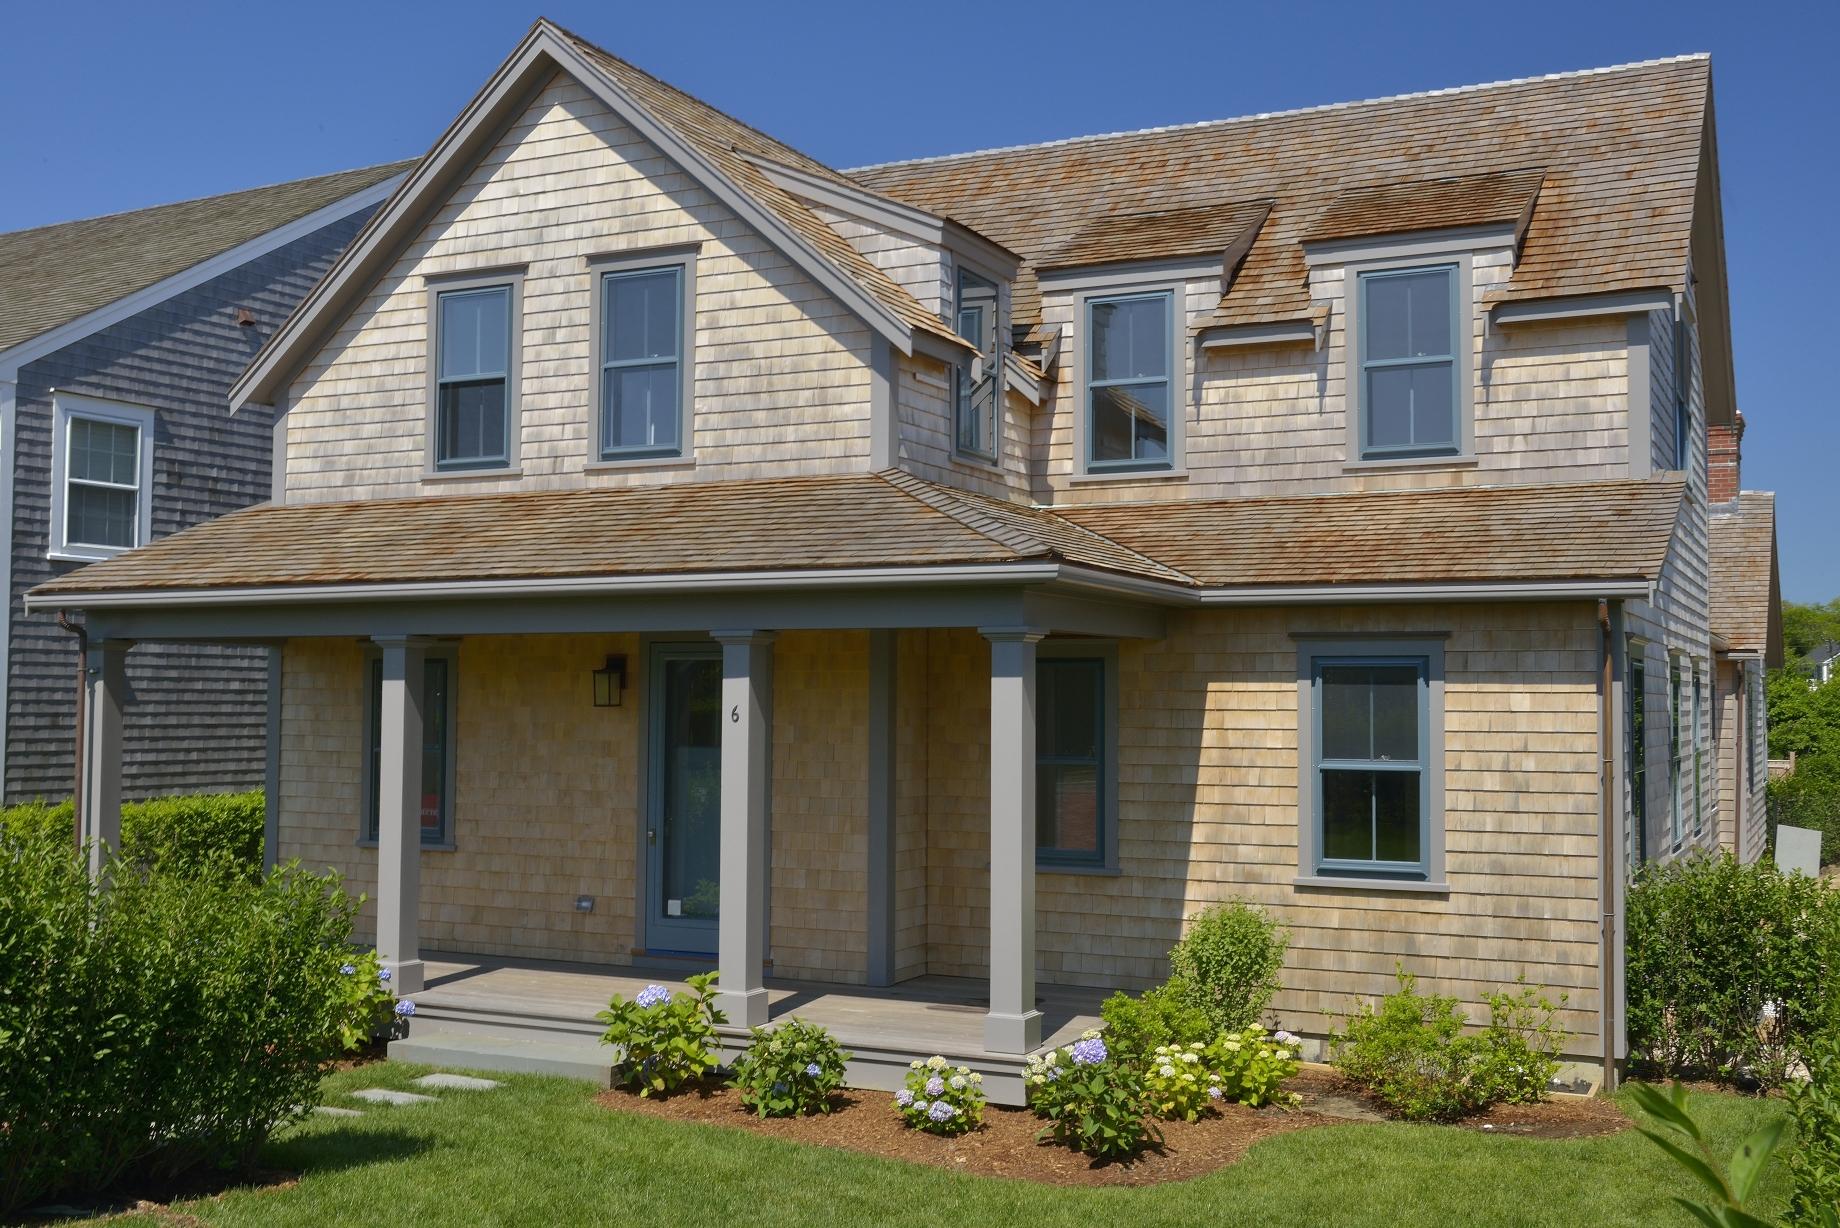 独户住宅 为 销售 在 Stunning New Construction 6 Winn Street Nantucket, 马萨诸塞州 02554 美国